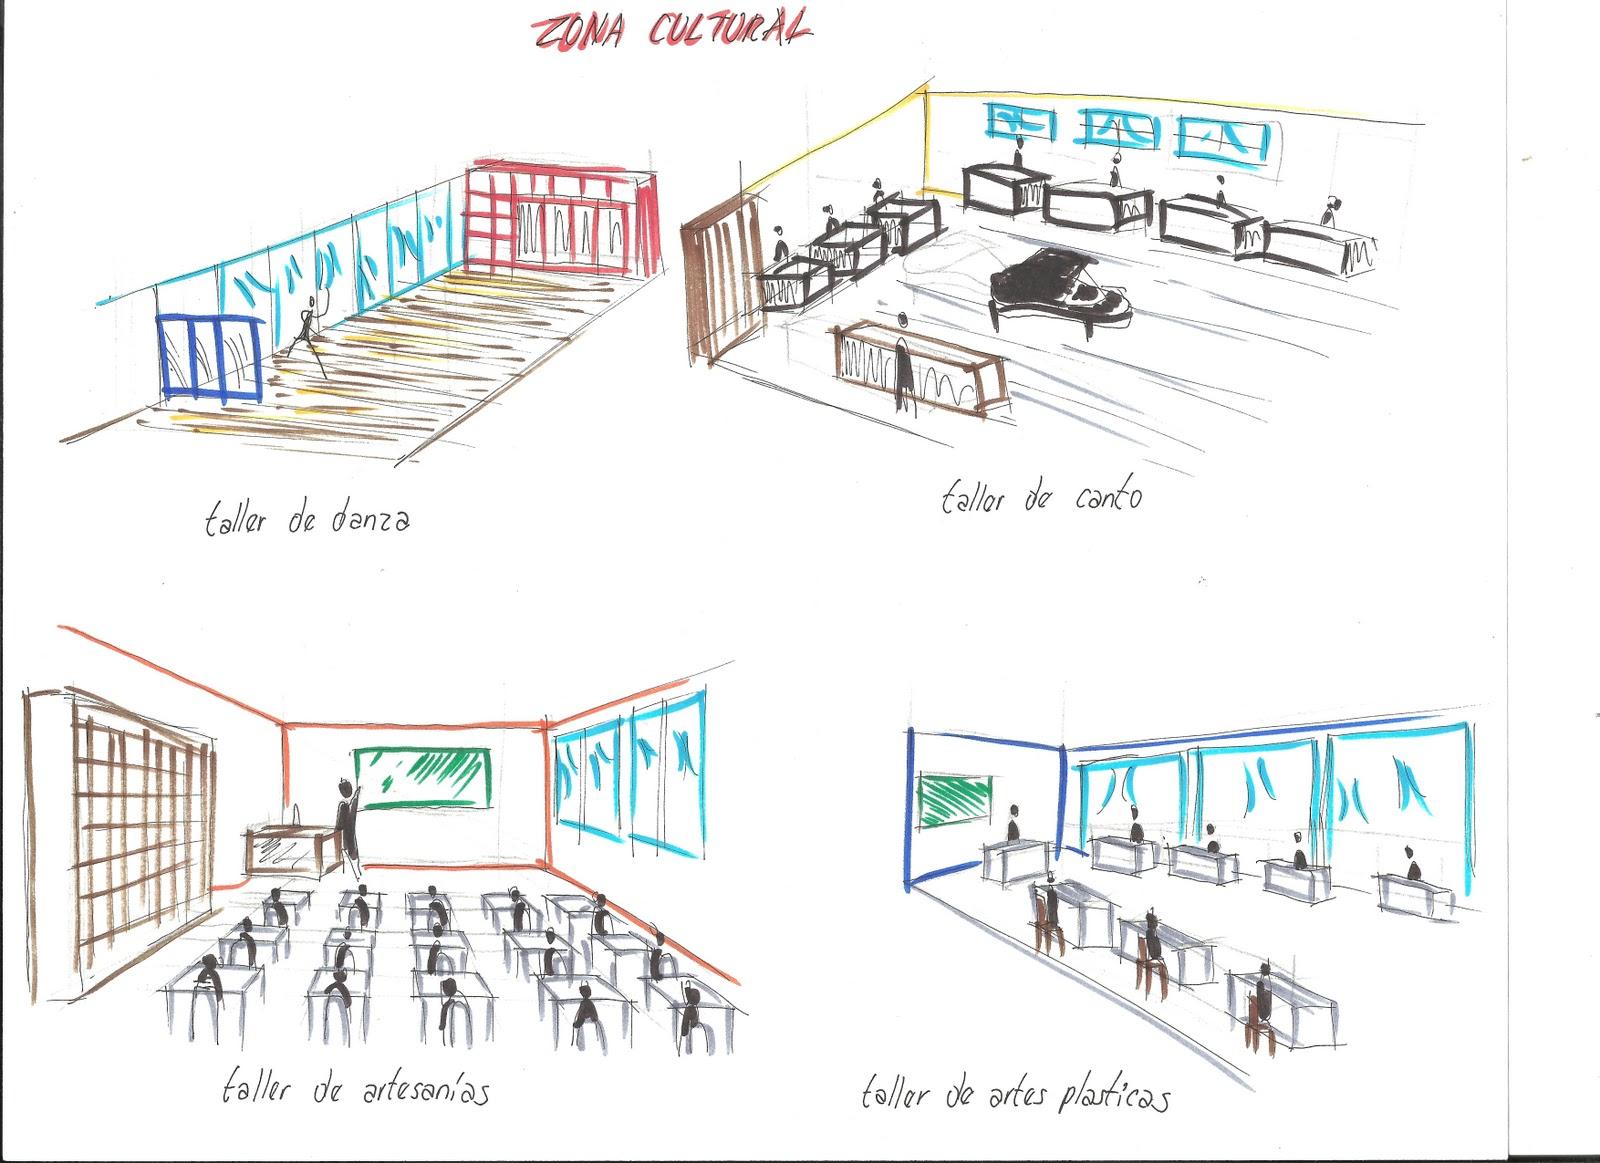 proceso de dise o arquitect nico de un centro cultural